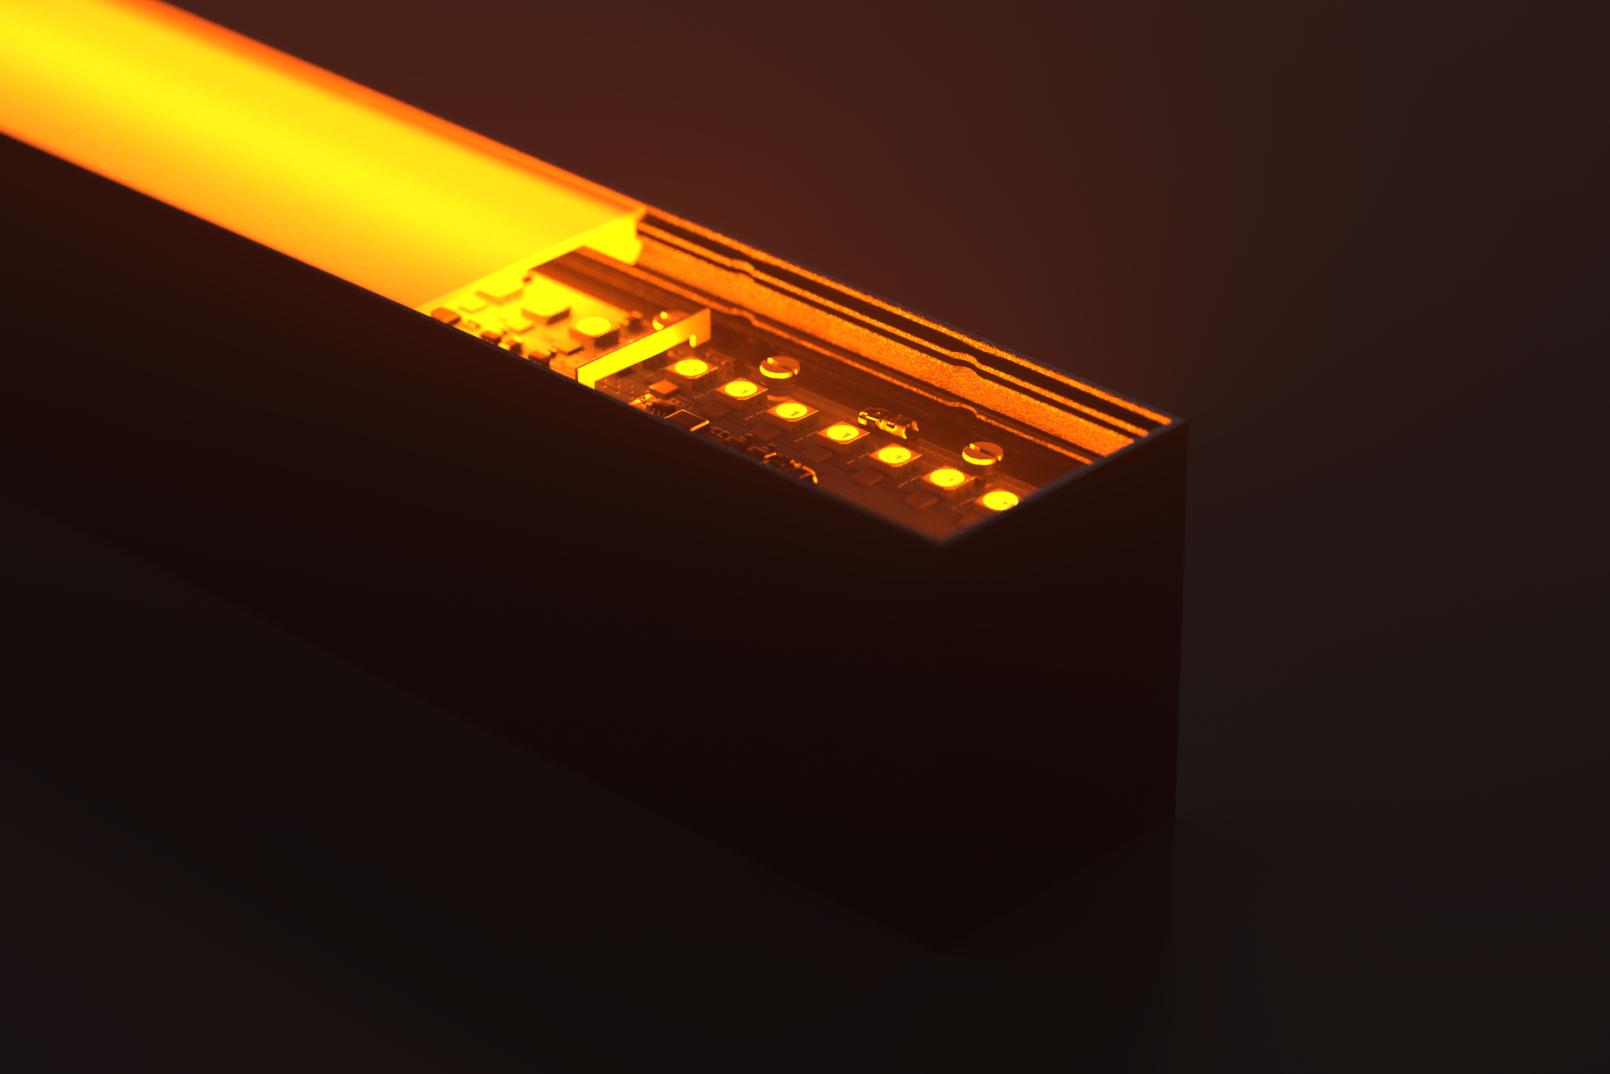 Explode001 close Orange Light